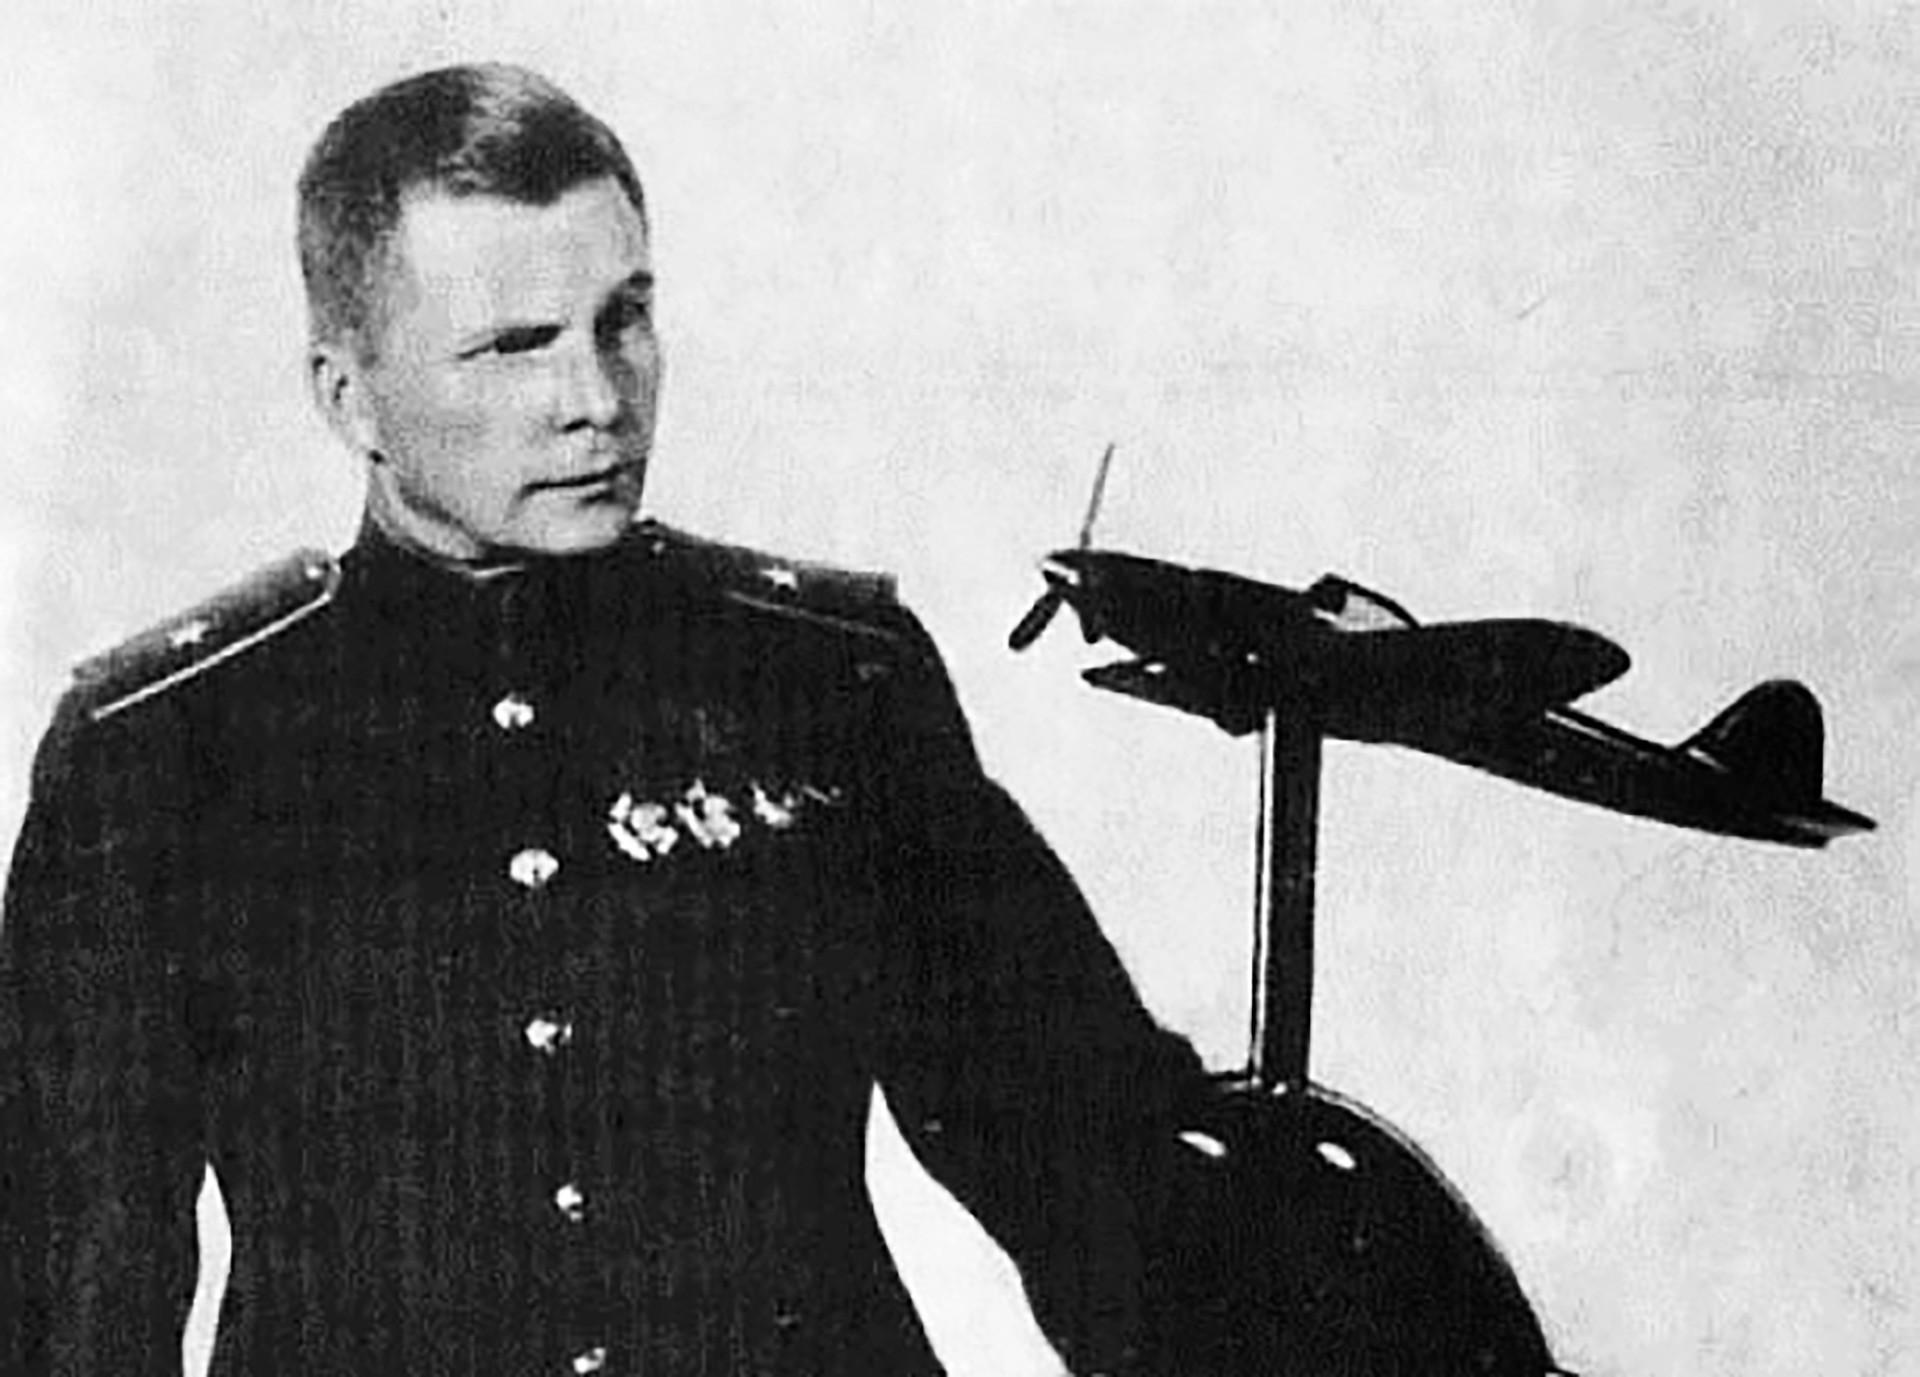 航空機の設計者セルゲイ・イリューシンは、いくつもの機種のほか、ソ連軍の主力対地攻撃機「イリューシン Il-2」を開発し、7回受賞している。